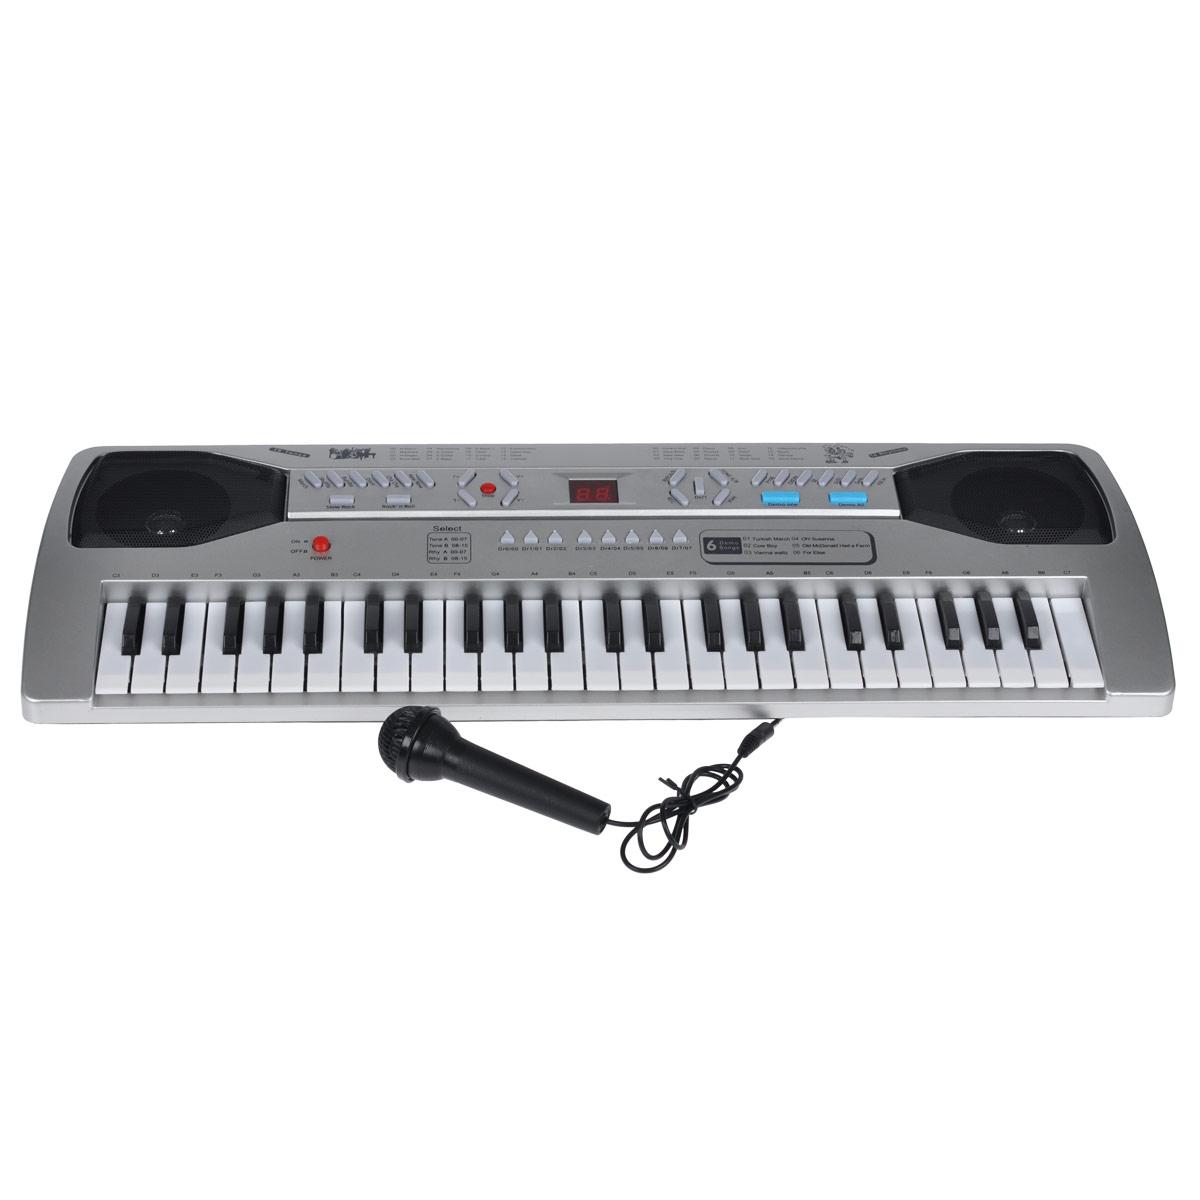 Синтезатор DoReMi, 49 клавиш, с микрофоном. D-00036D-00036Яркий синтезатор DoReMi привлечет внимание вашего ребенка и доставит ему много удовольствия от часов, посвященных игре с ним. Синтезатор имеет два дисплея, 49 музыкальных клавиш и множество кнопок, позволяющих добавлять различные звуковые эффекты при составлении мелодий, менять темп и ритм музыки. Также можно произвести запись мелодий и воспользоваться караоке- микрофоном. Основные характеристики синтезатора: 16 звуков музыкальных инструментов; 16 темпов ритма; 8 звуков электронной барабанной установки, 6 песен; запись, воспроизведение; караоке; 16 уровней громкости; 32-х кратное увеличение темпа; режим обучения; автоматическое выключение. В комплект входят синтезатор, зарядное устройство и проводной микрофон. С помощью этого синтезатора ребенок сможет развить свои музыкальные способности и порадовать друзей и близких великолепным концертом. Порадуйте его таким замечательным подарком! ...